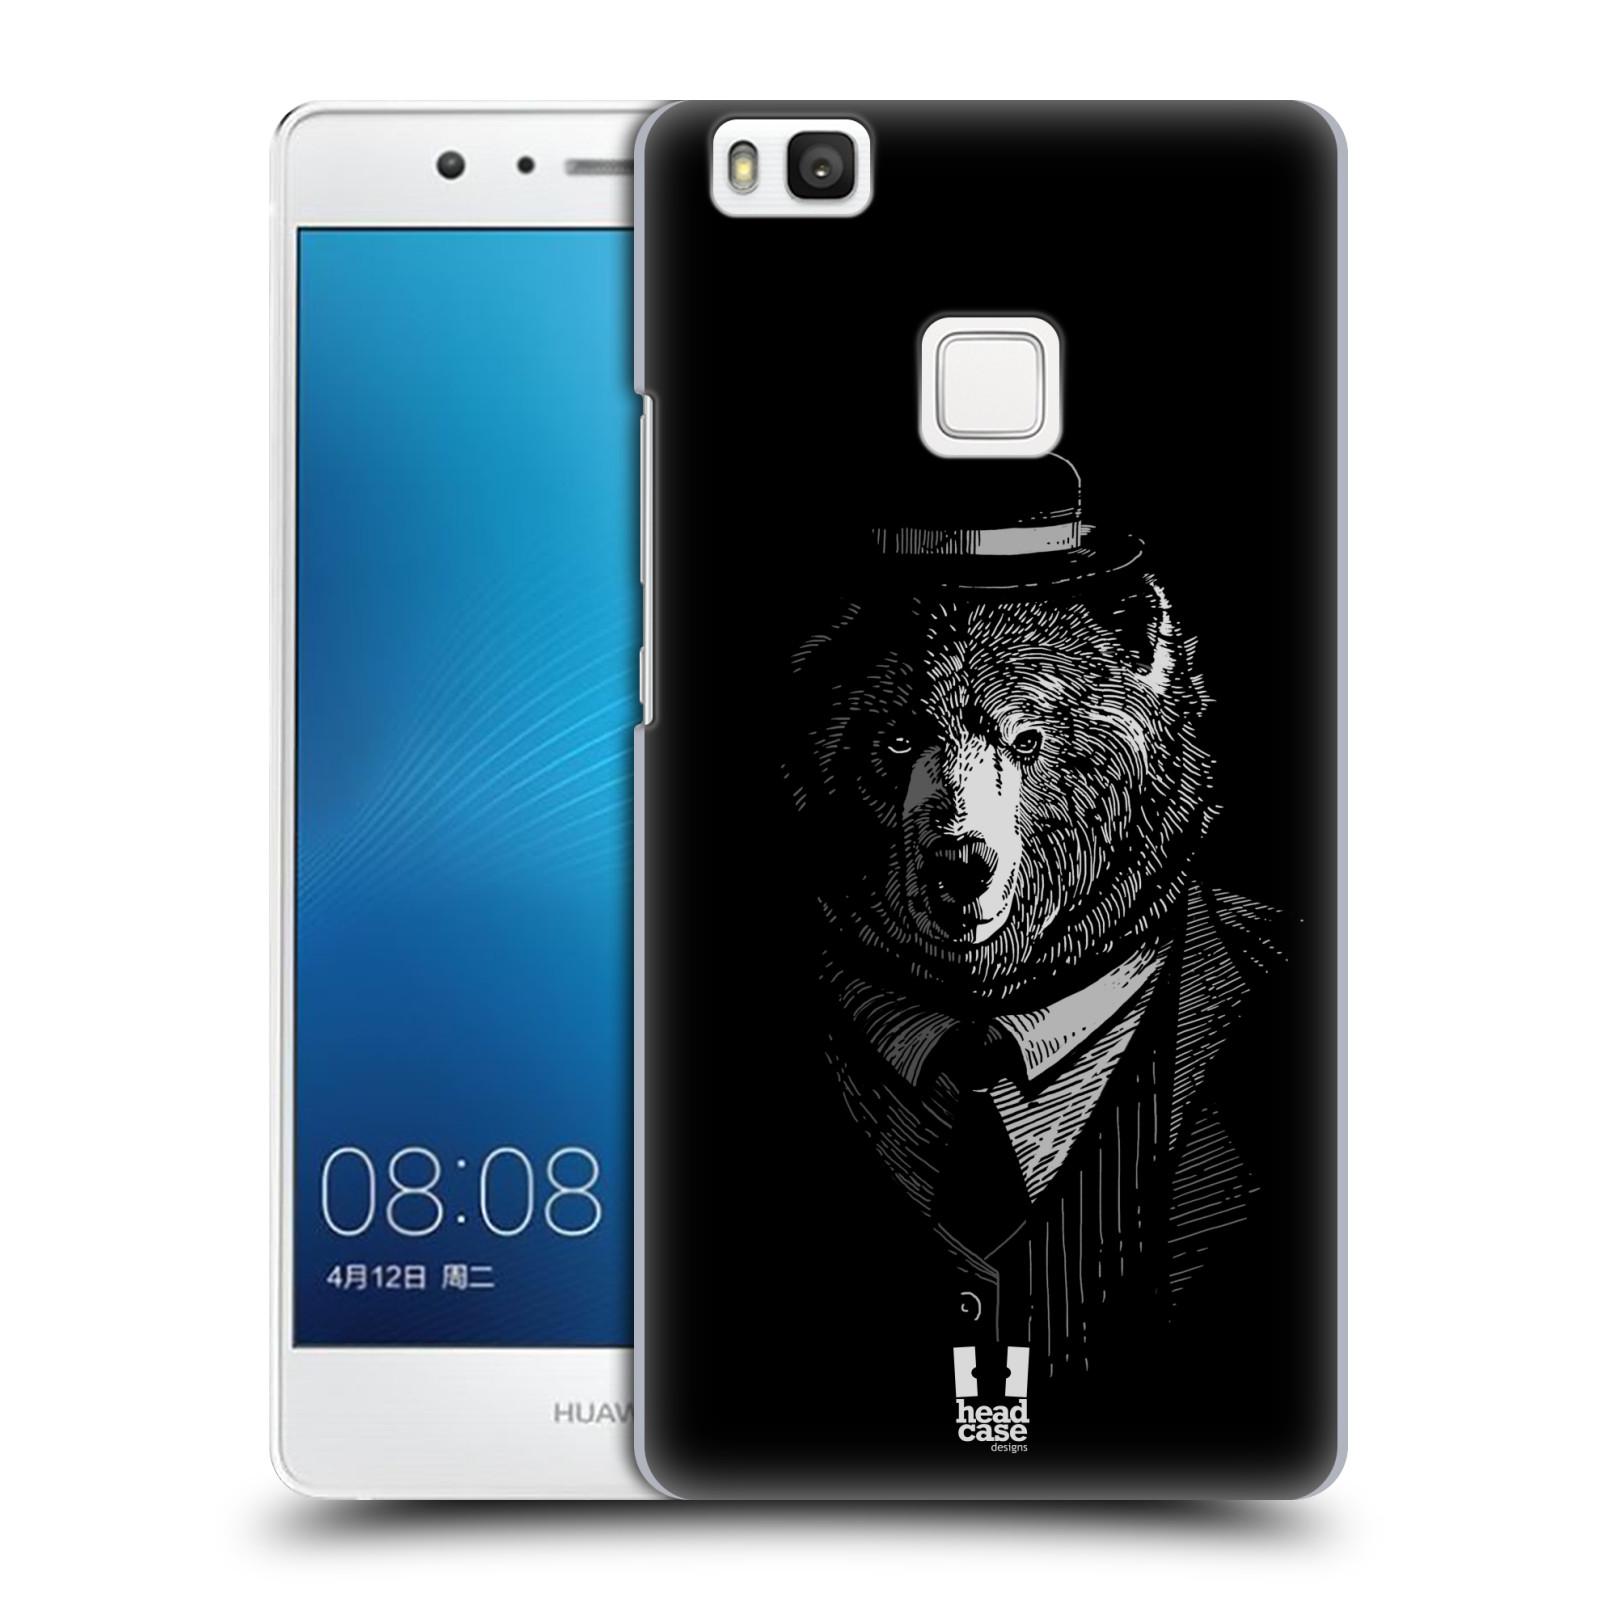 HEAD CASE plastový obal na mobil Huawei P9 LITE / P9 LITE DUAL SIM vzor Zvíře v obleku medvěd